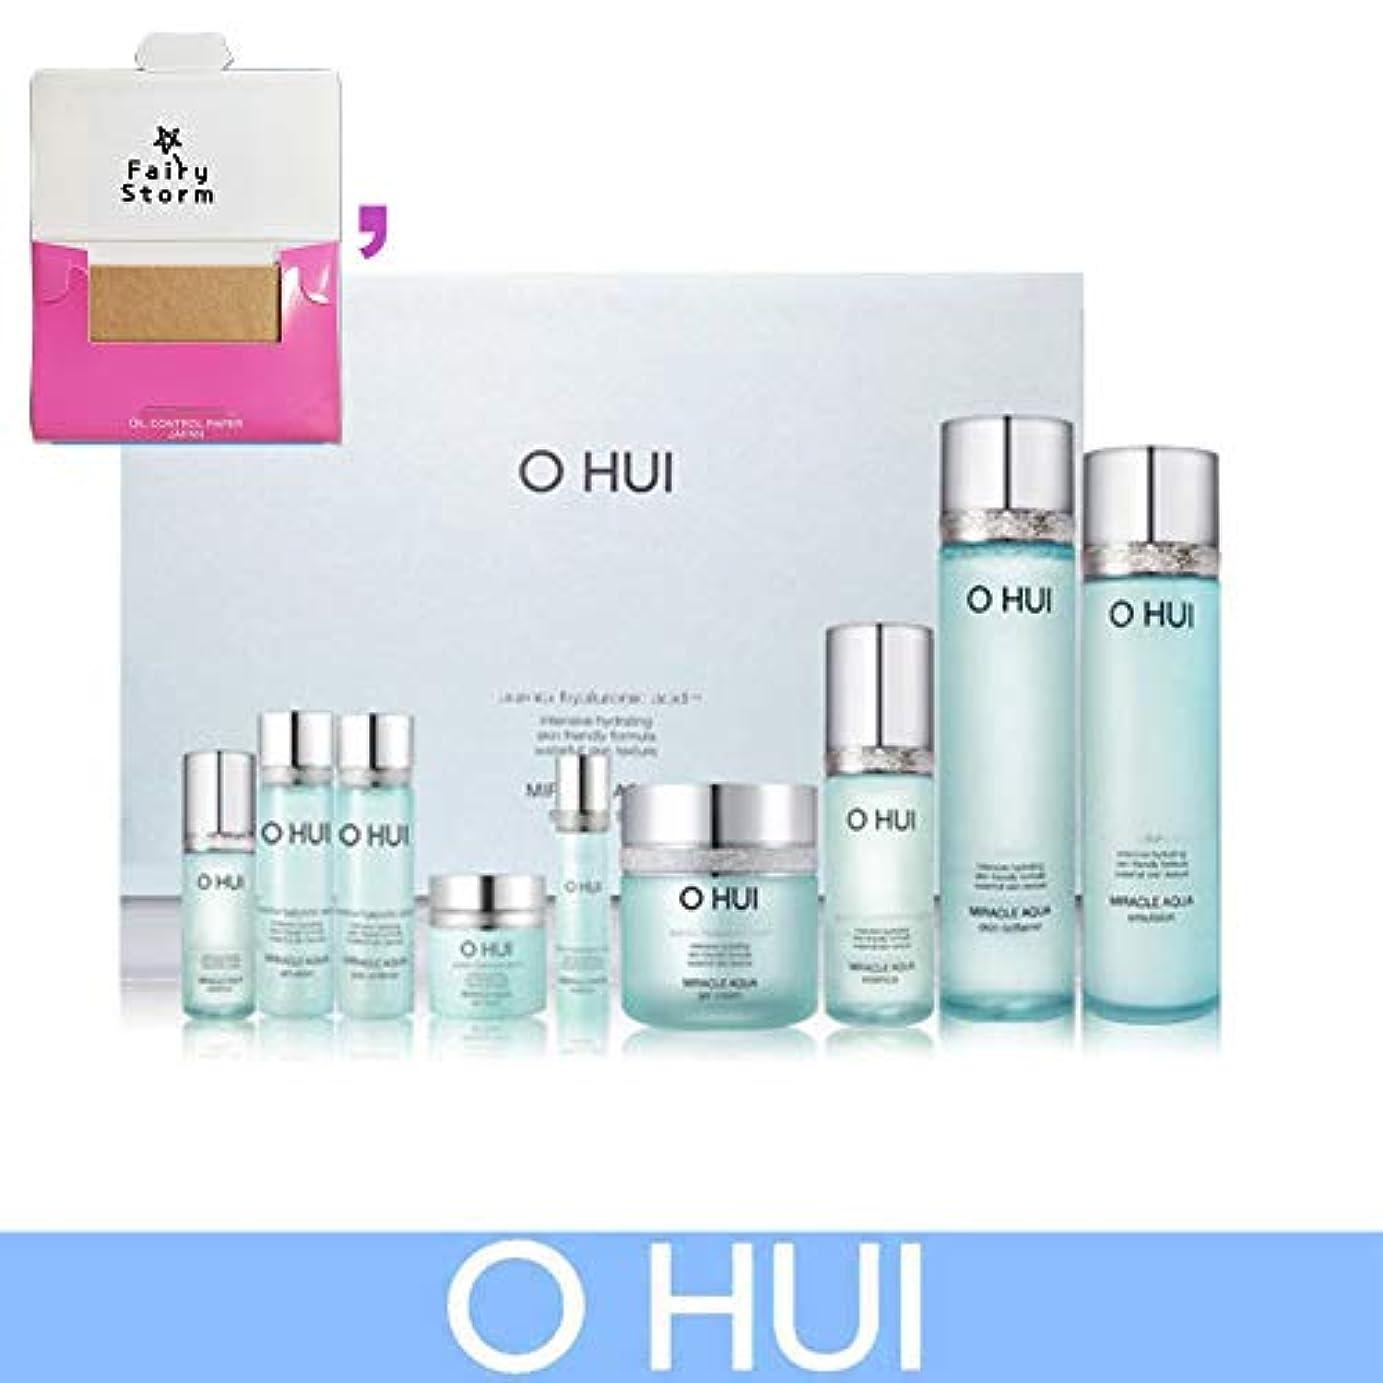 協力スペイン語ガジュマル[オフィ/O HUI] Ohui Miracle AQUA 4 PIECES Special Limited Edition/ミラクルアクア4ピース特別限定版+ Sample Gift (海外直送品)